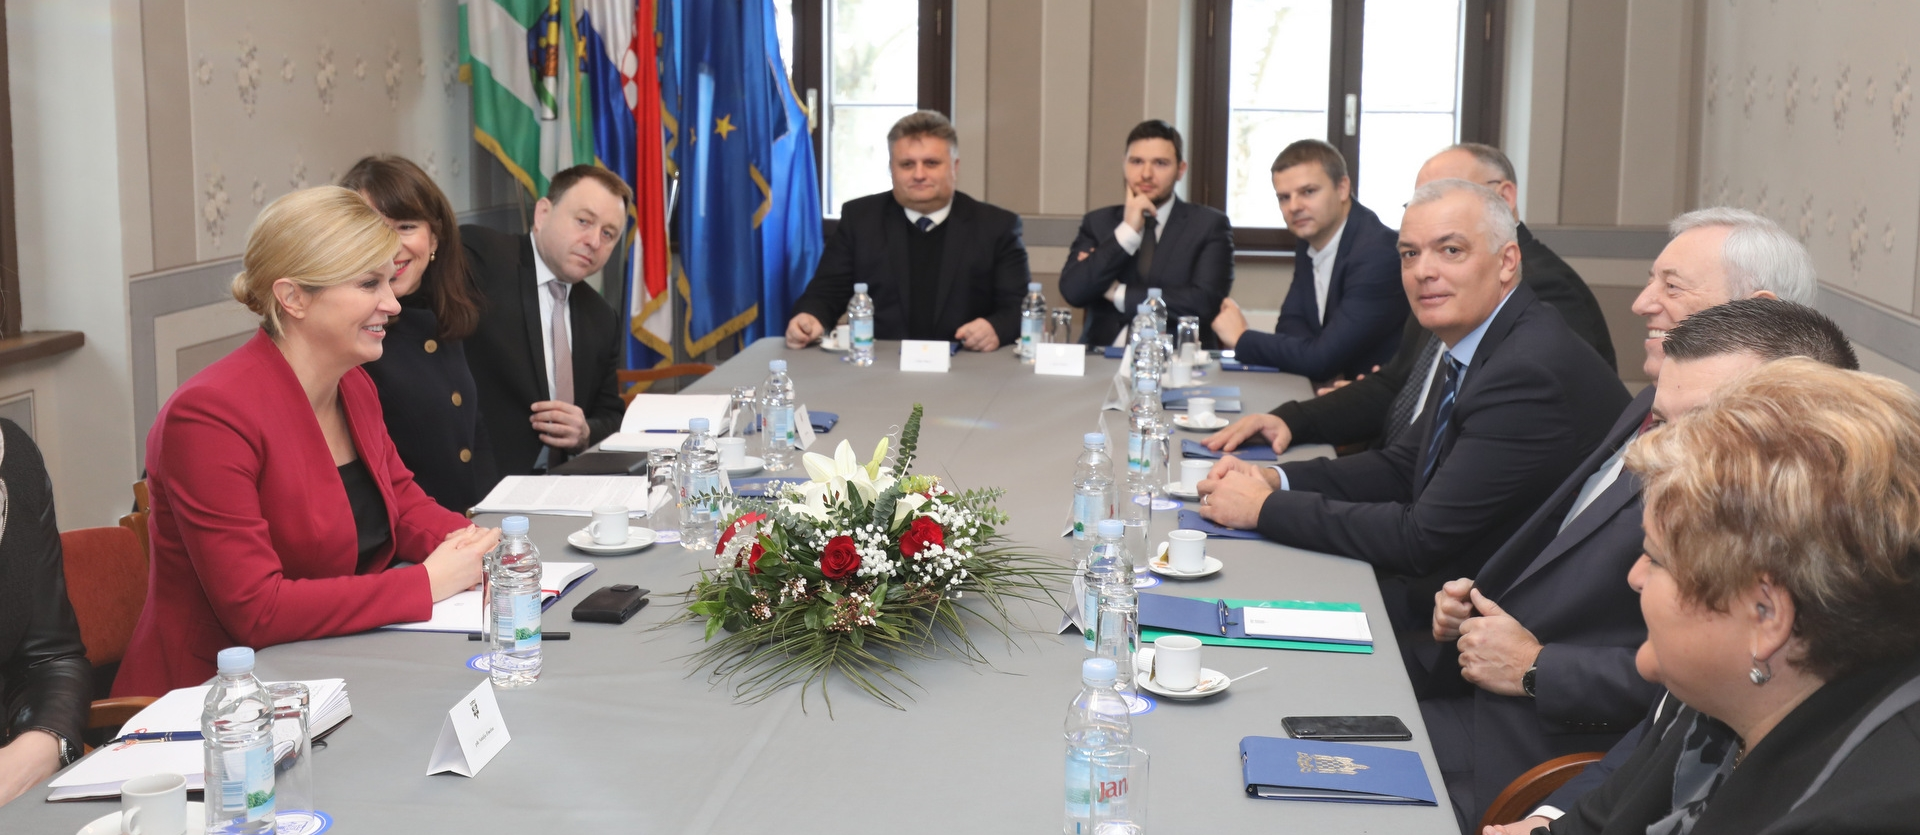 Predsjednica Kolinda Grabar-Kitarović posjetila Ivanić-Grad